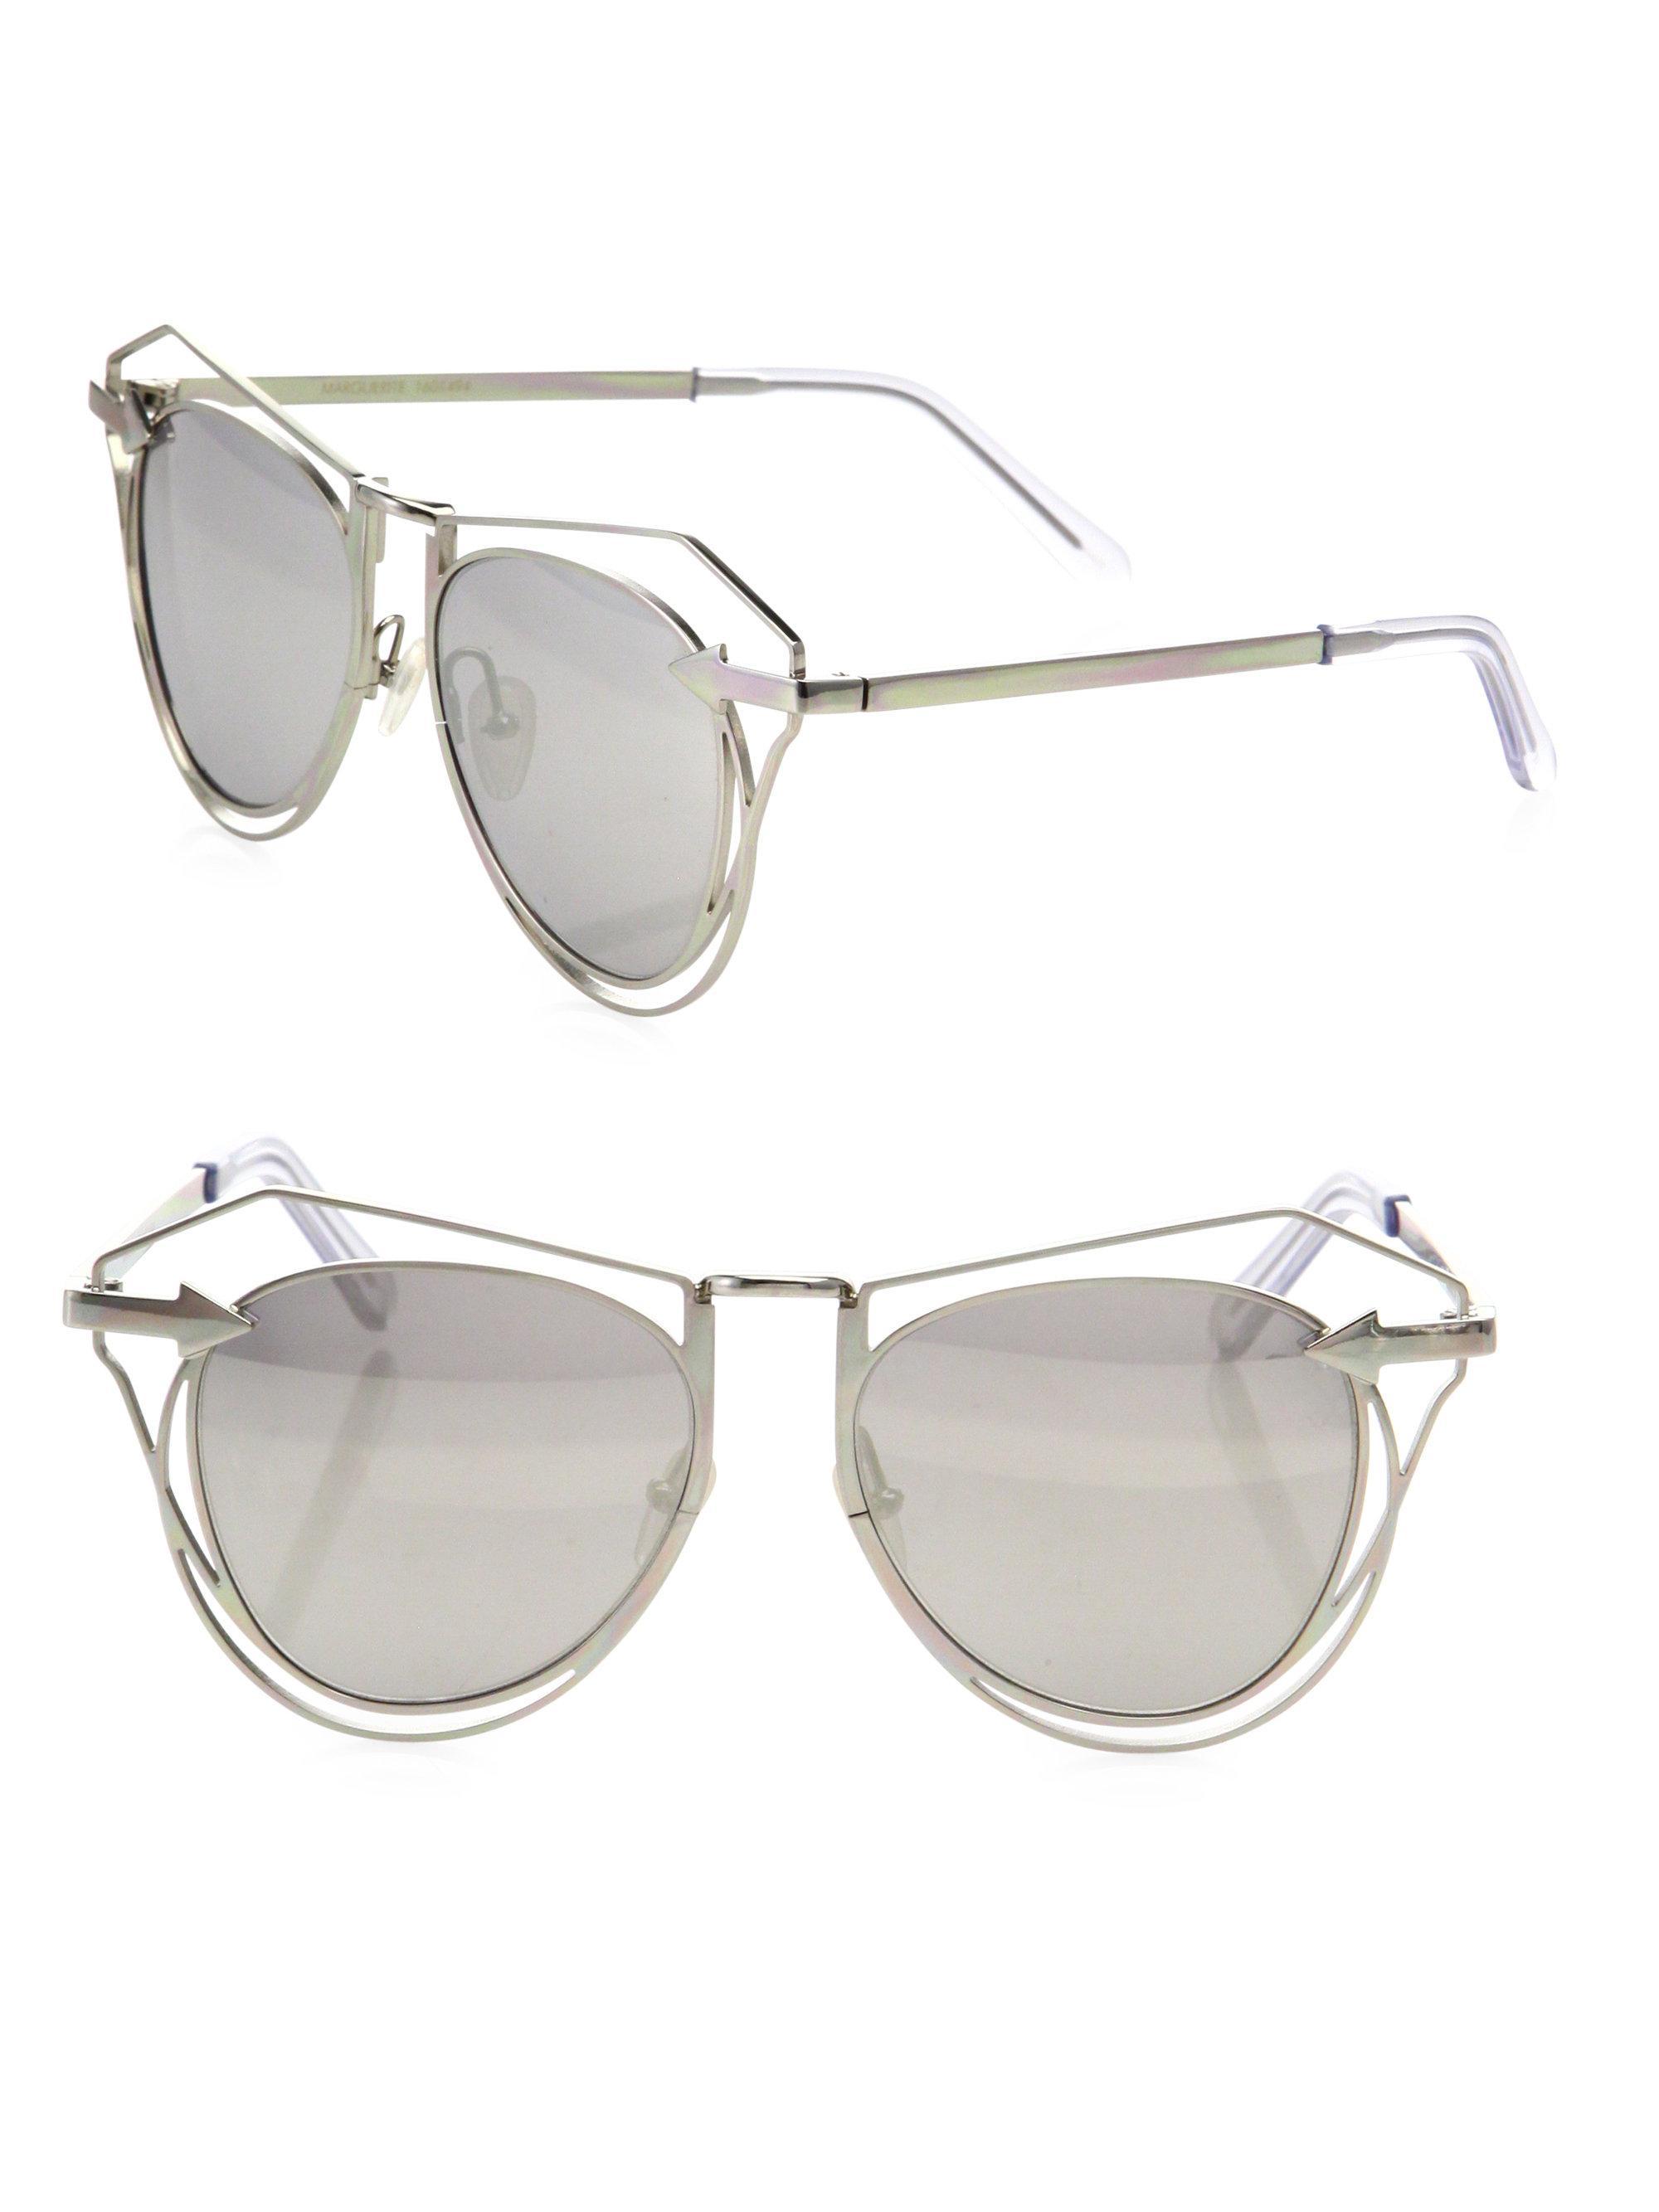 703df7d0a52 Lyst - Karen Walker Marguerite 52mm Mirrored Cutout Cat Eye ...